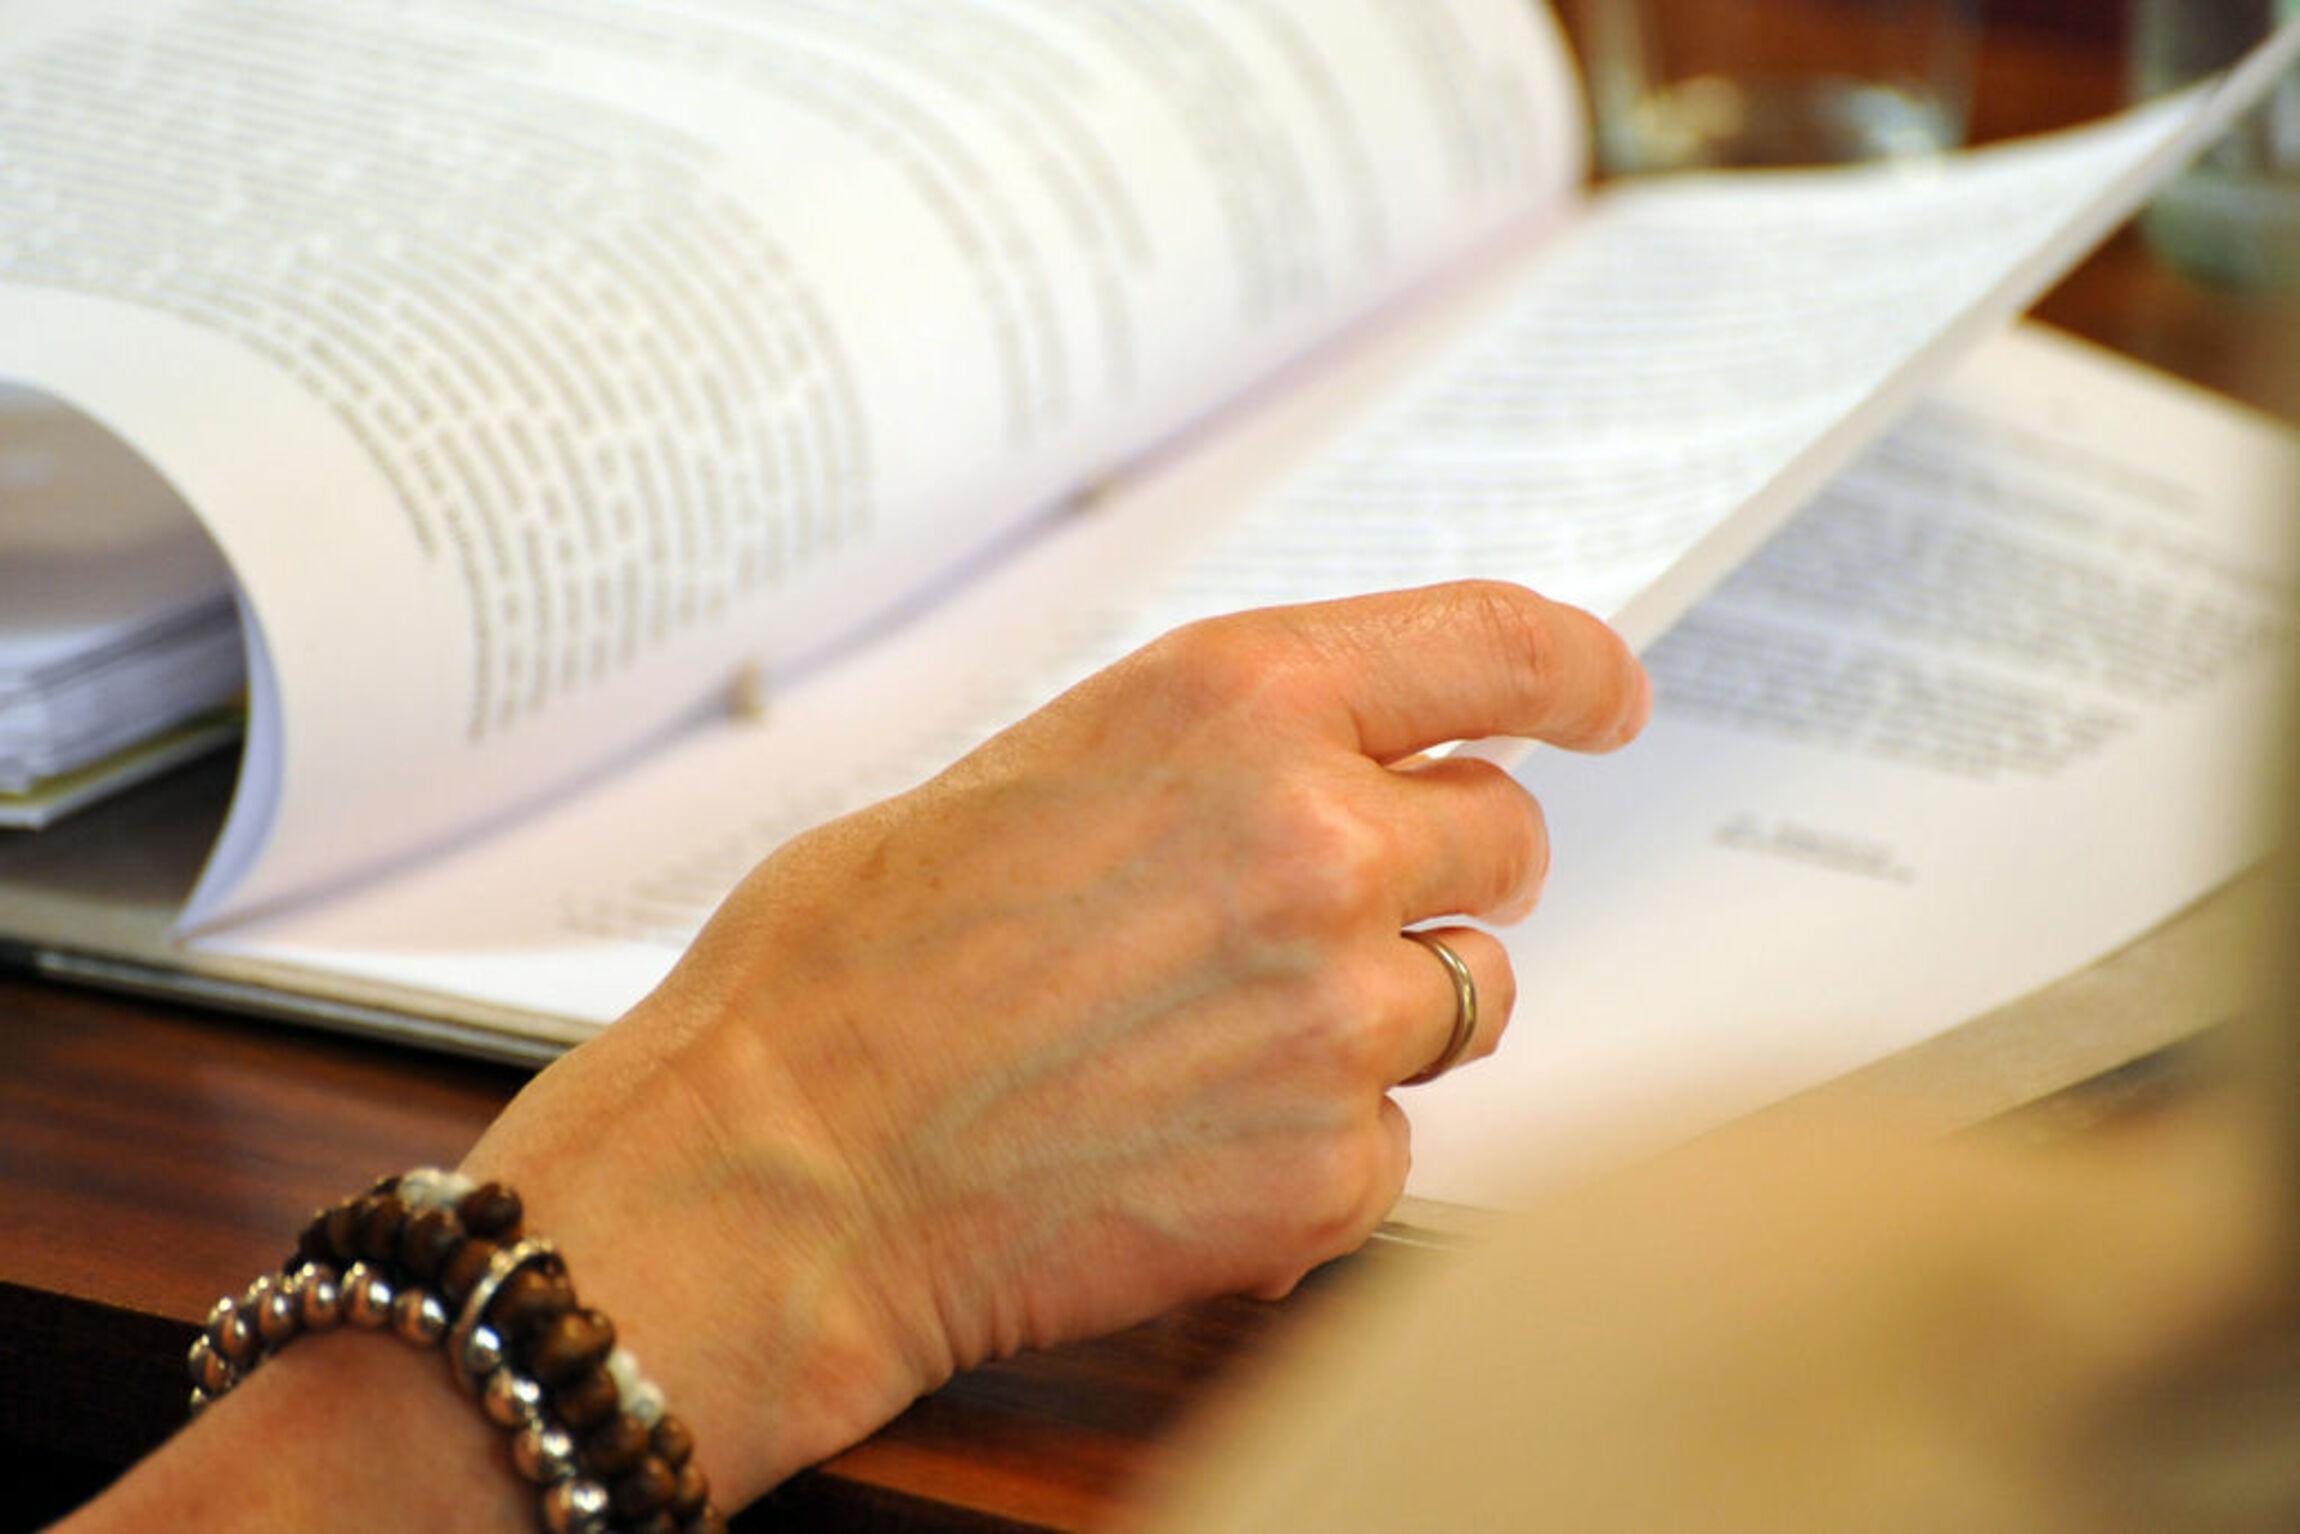 akten-lesen-hand-mit-armband